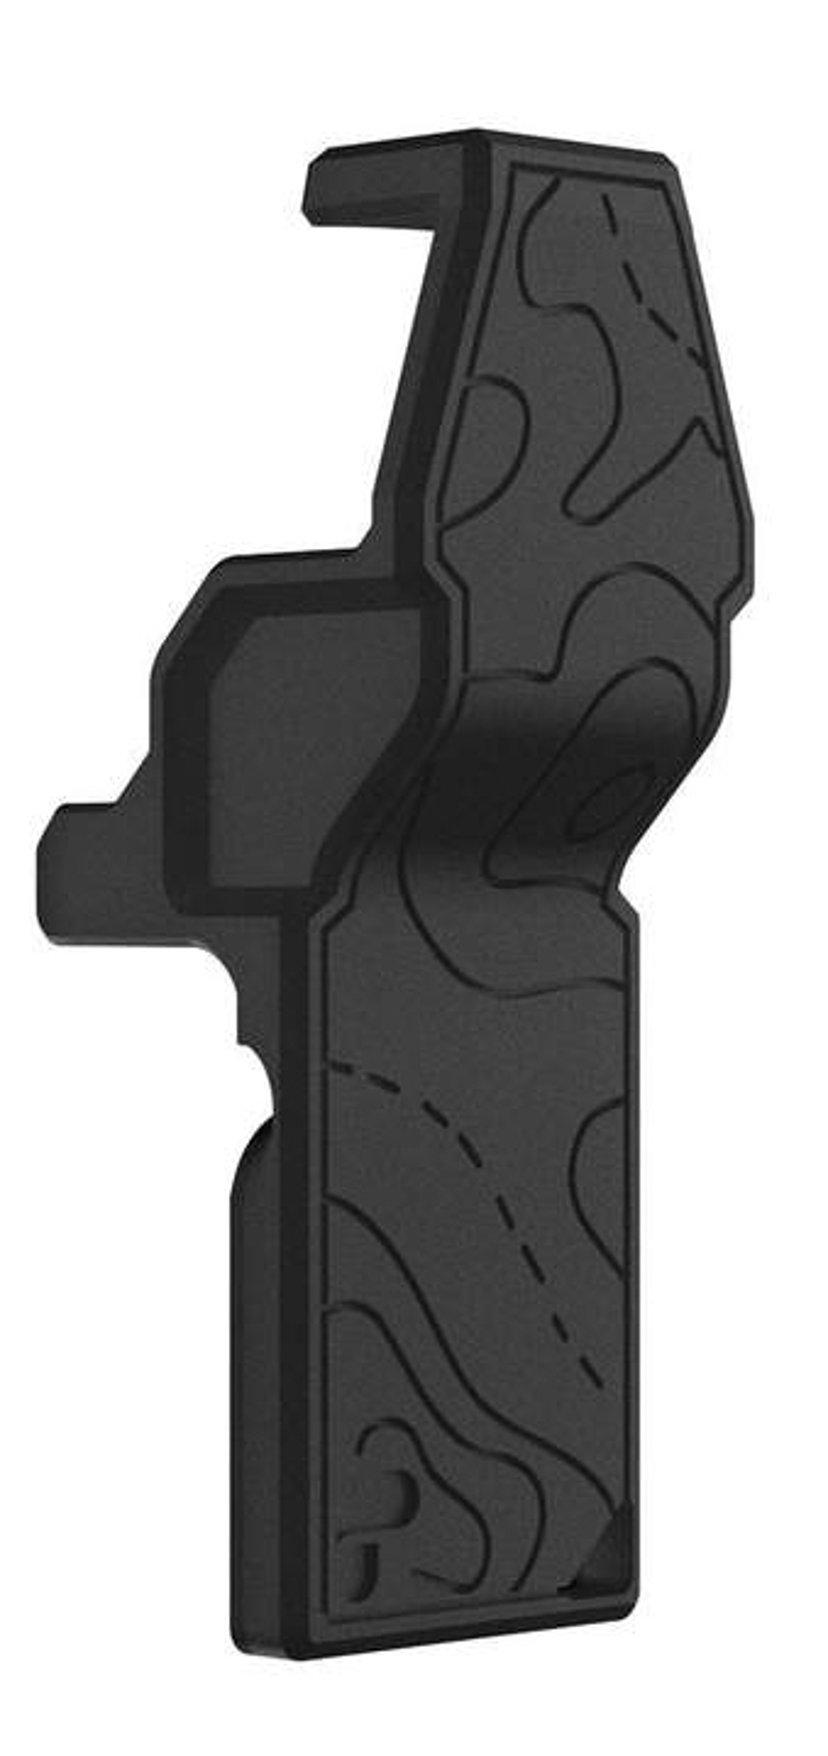 PolarPro Gimbal Lock Osmo Pocket